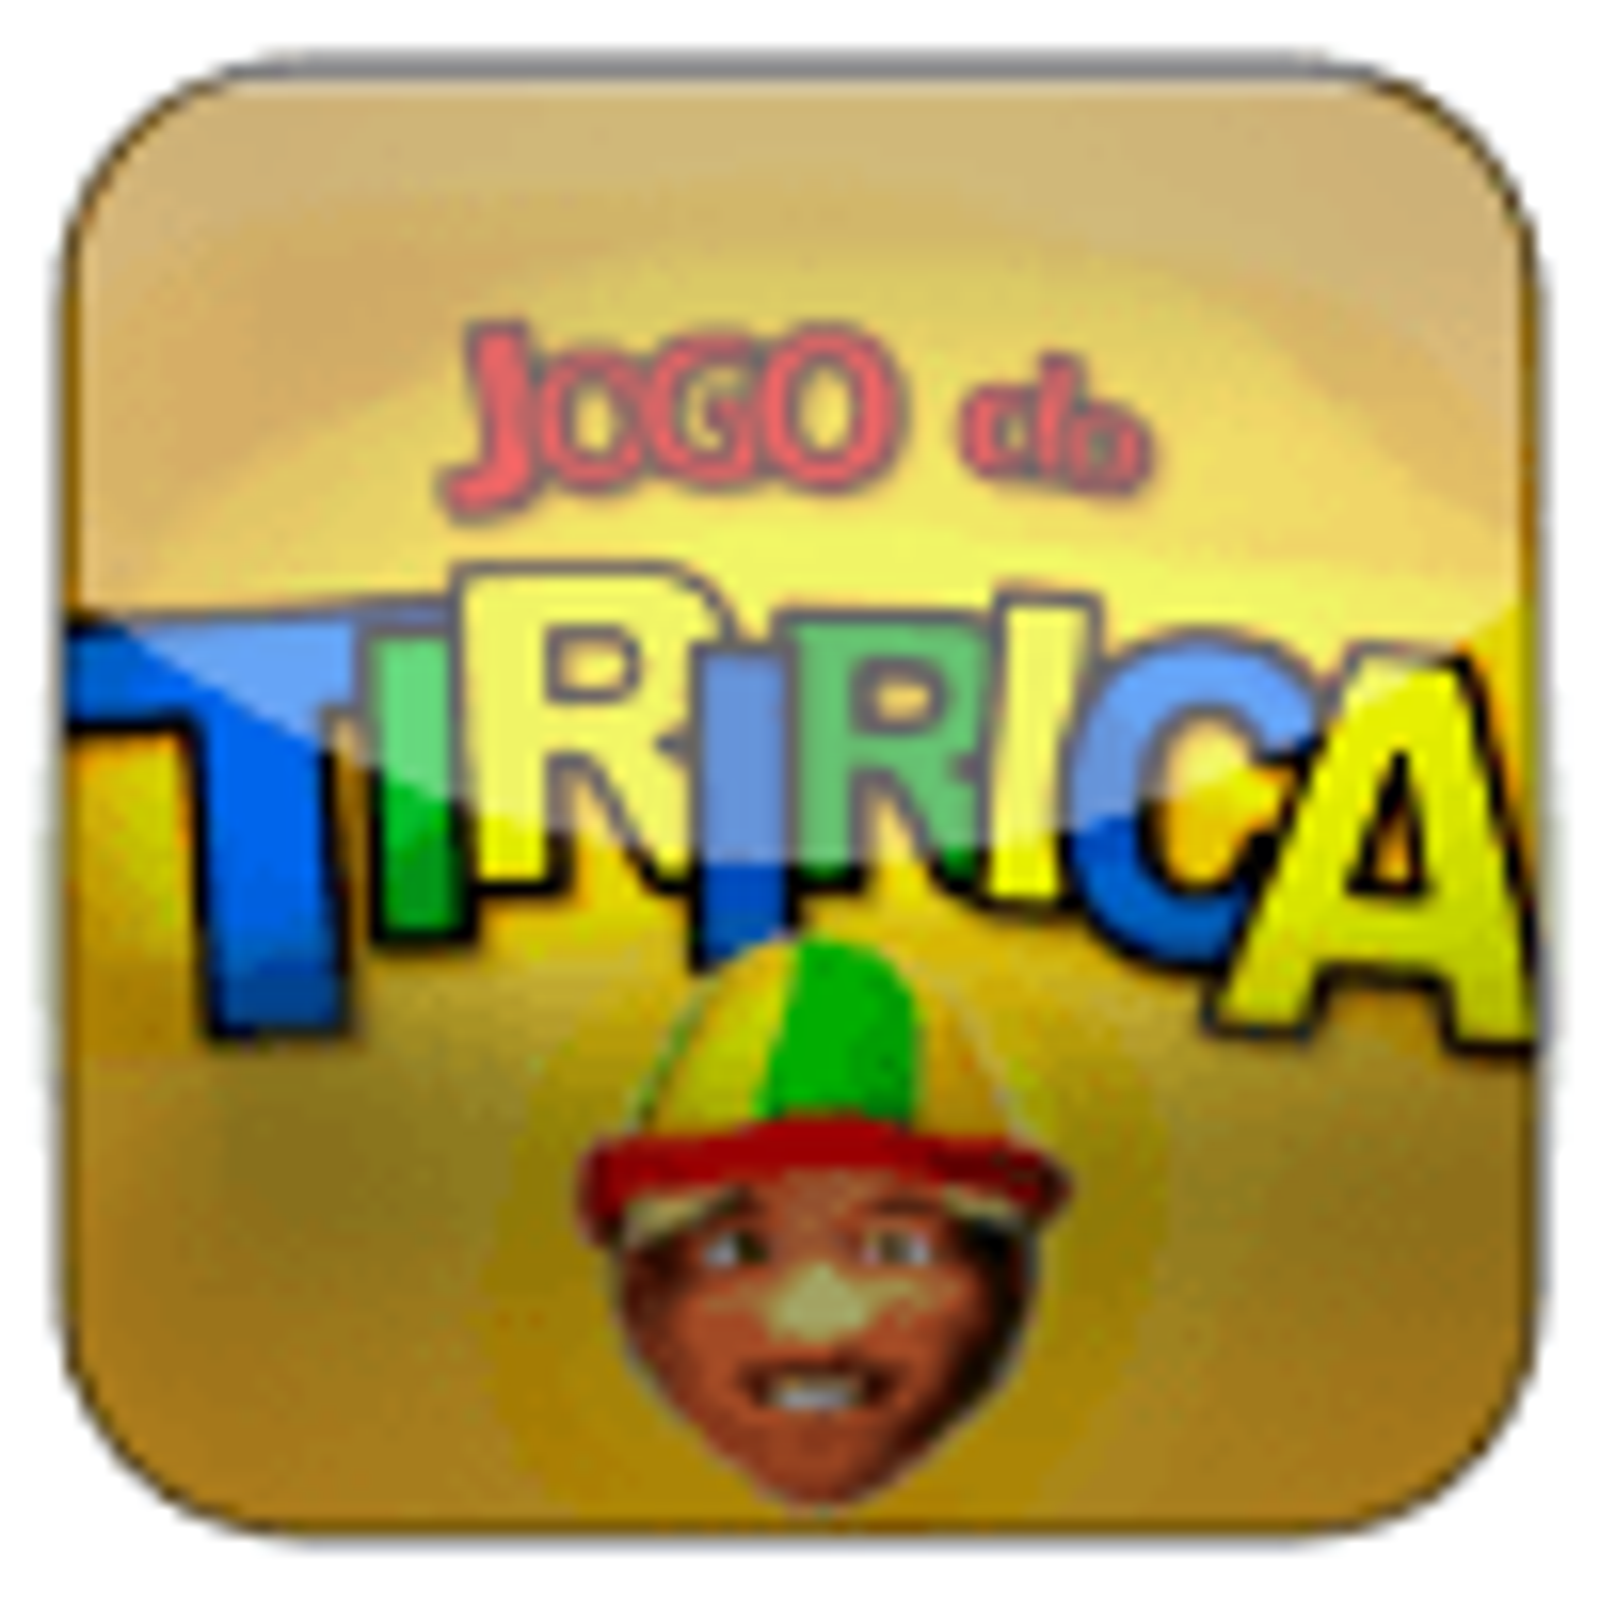 Jogo do Tiririca